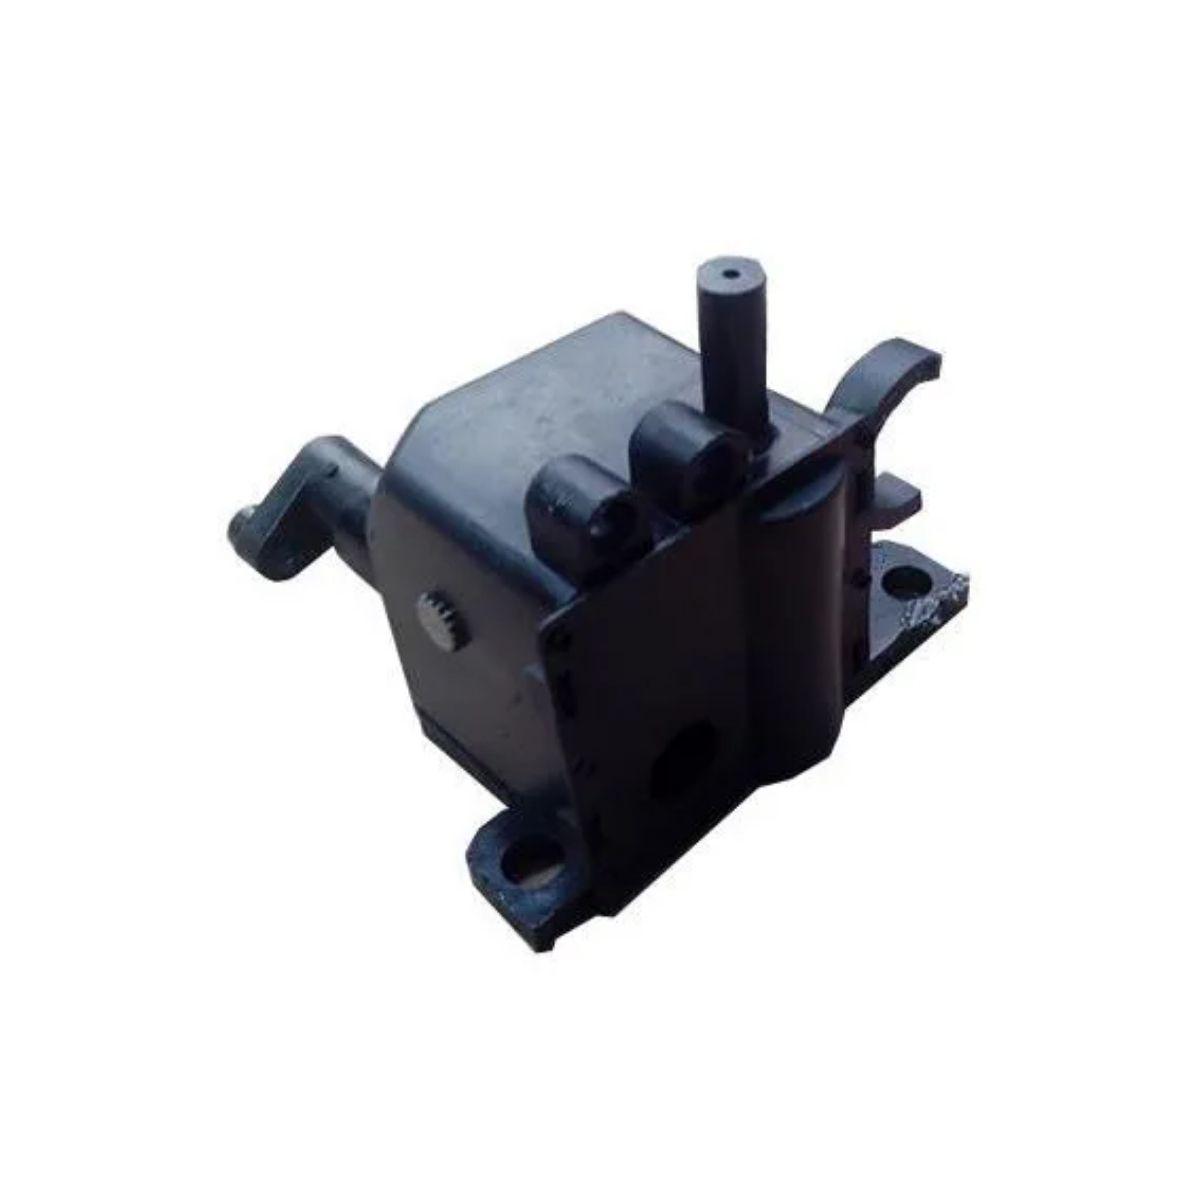 Caixa de Engrenagem para Ventilador Oscilante   Ventisilva